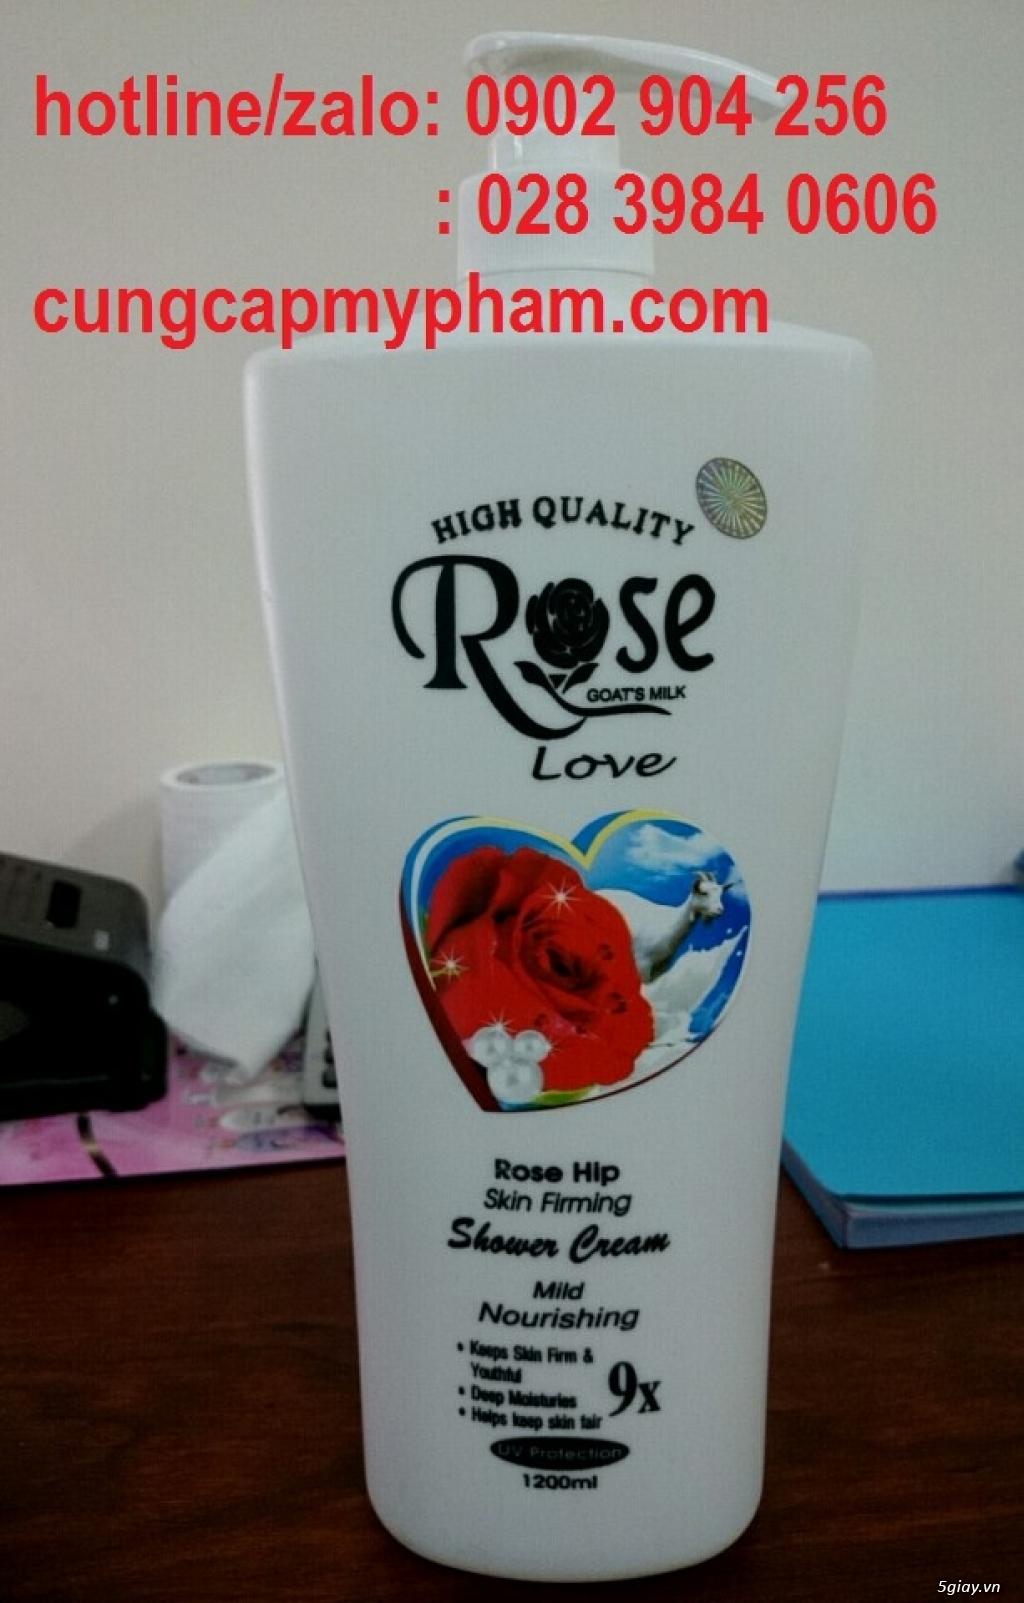 Sữa tắm Rose thể tích 1200ml/ chai - 1